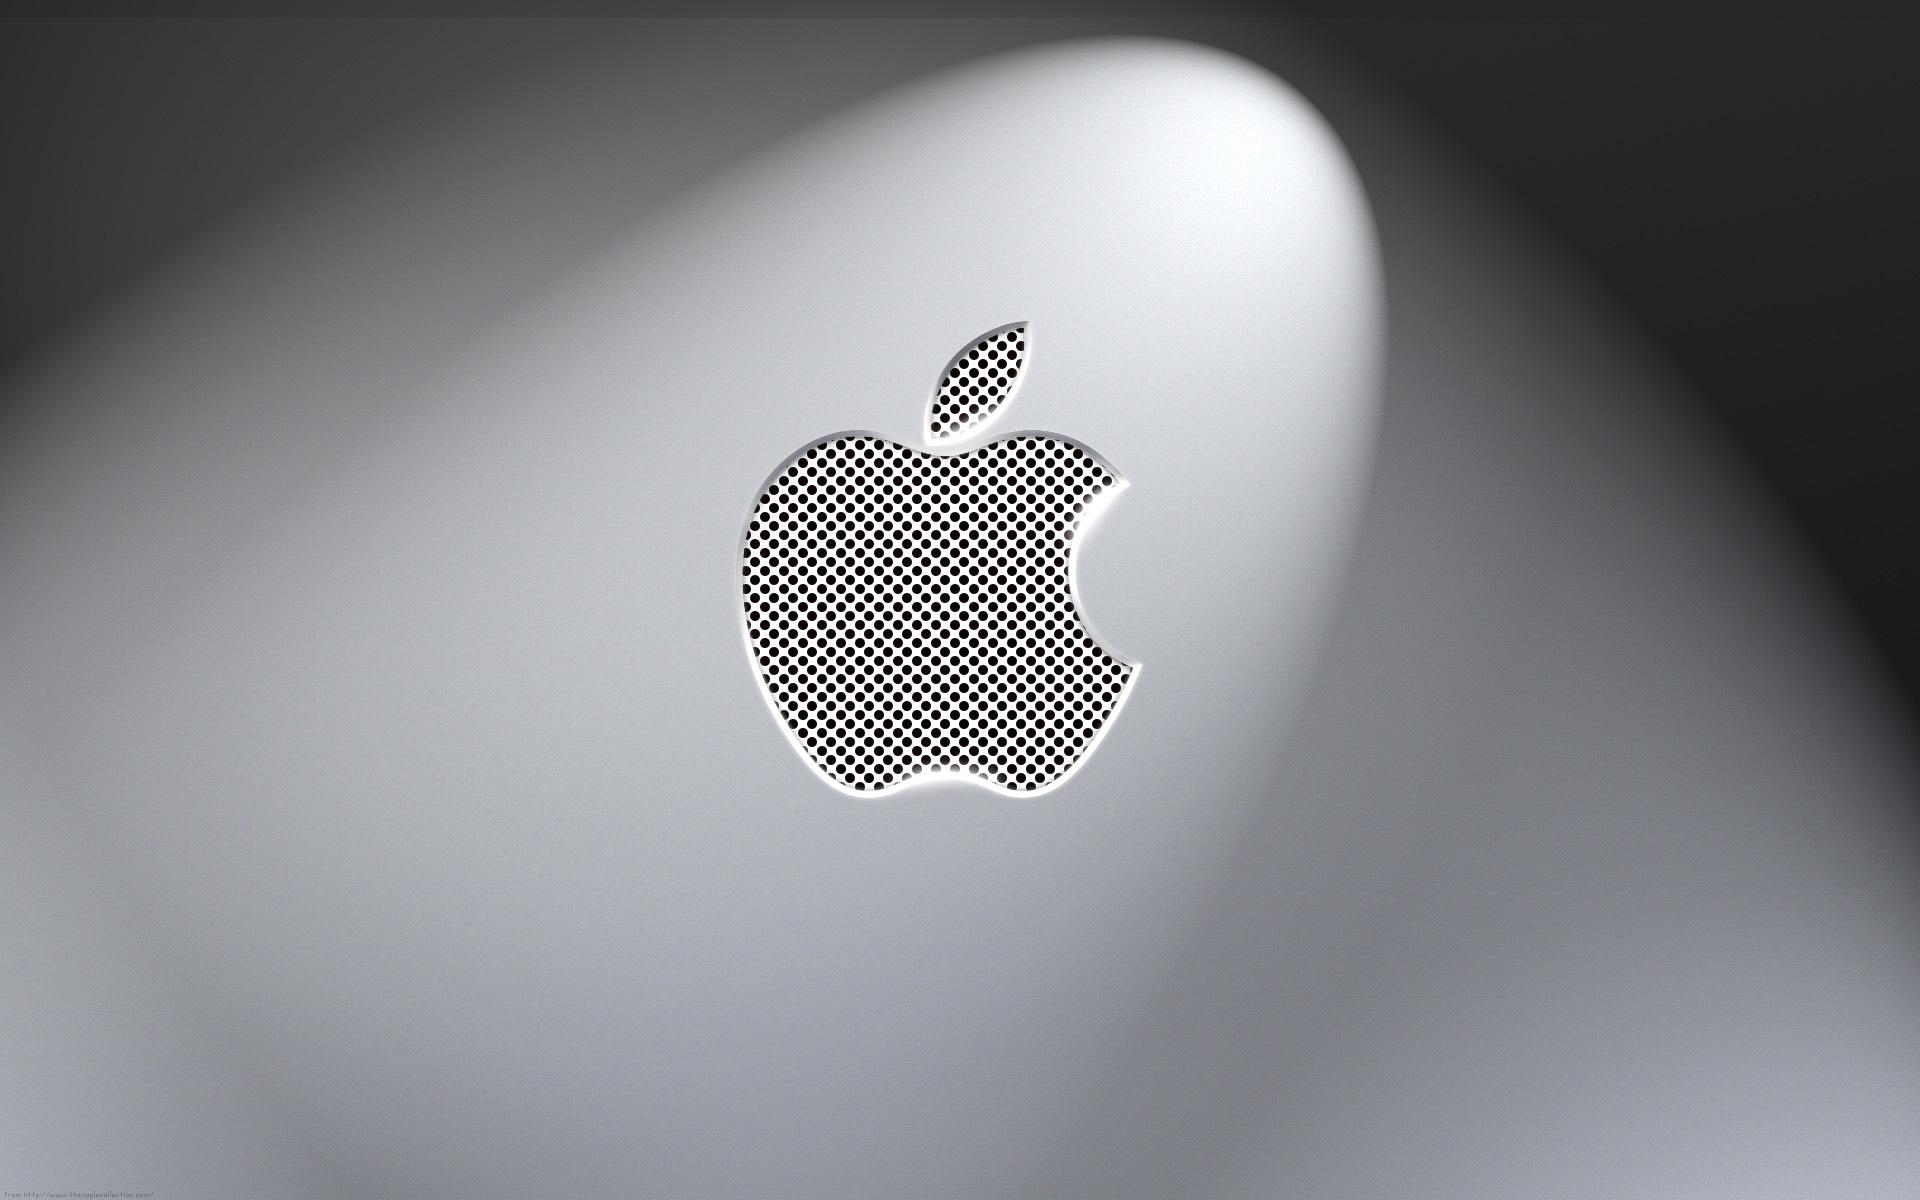 mac壁纸高清全屏内容mac壁纸高清全屏版面设计